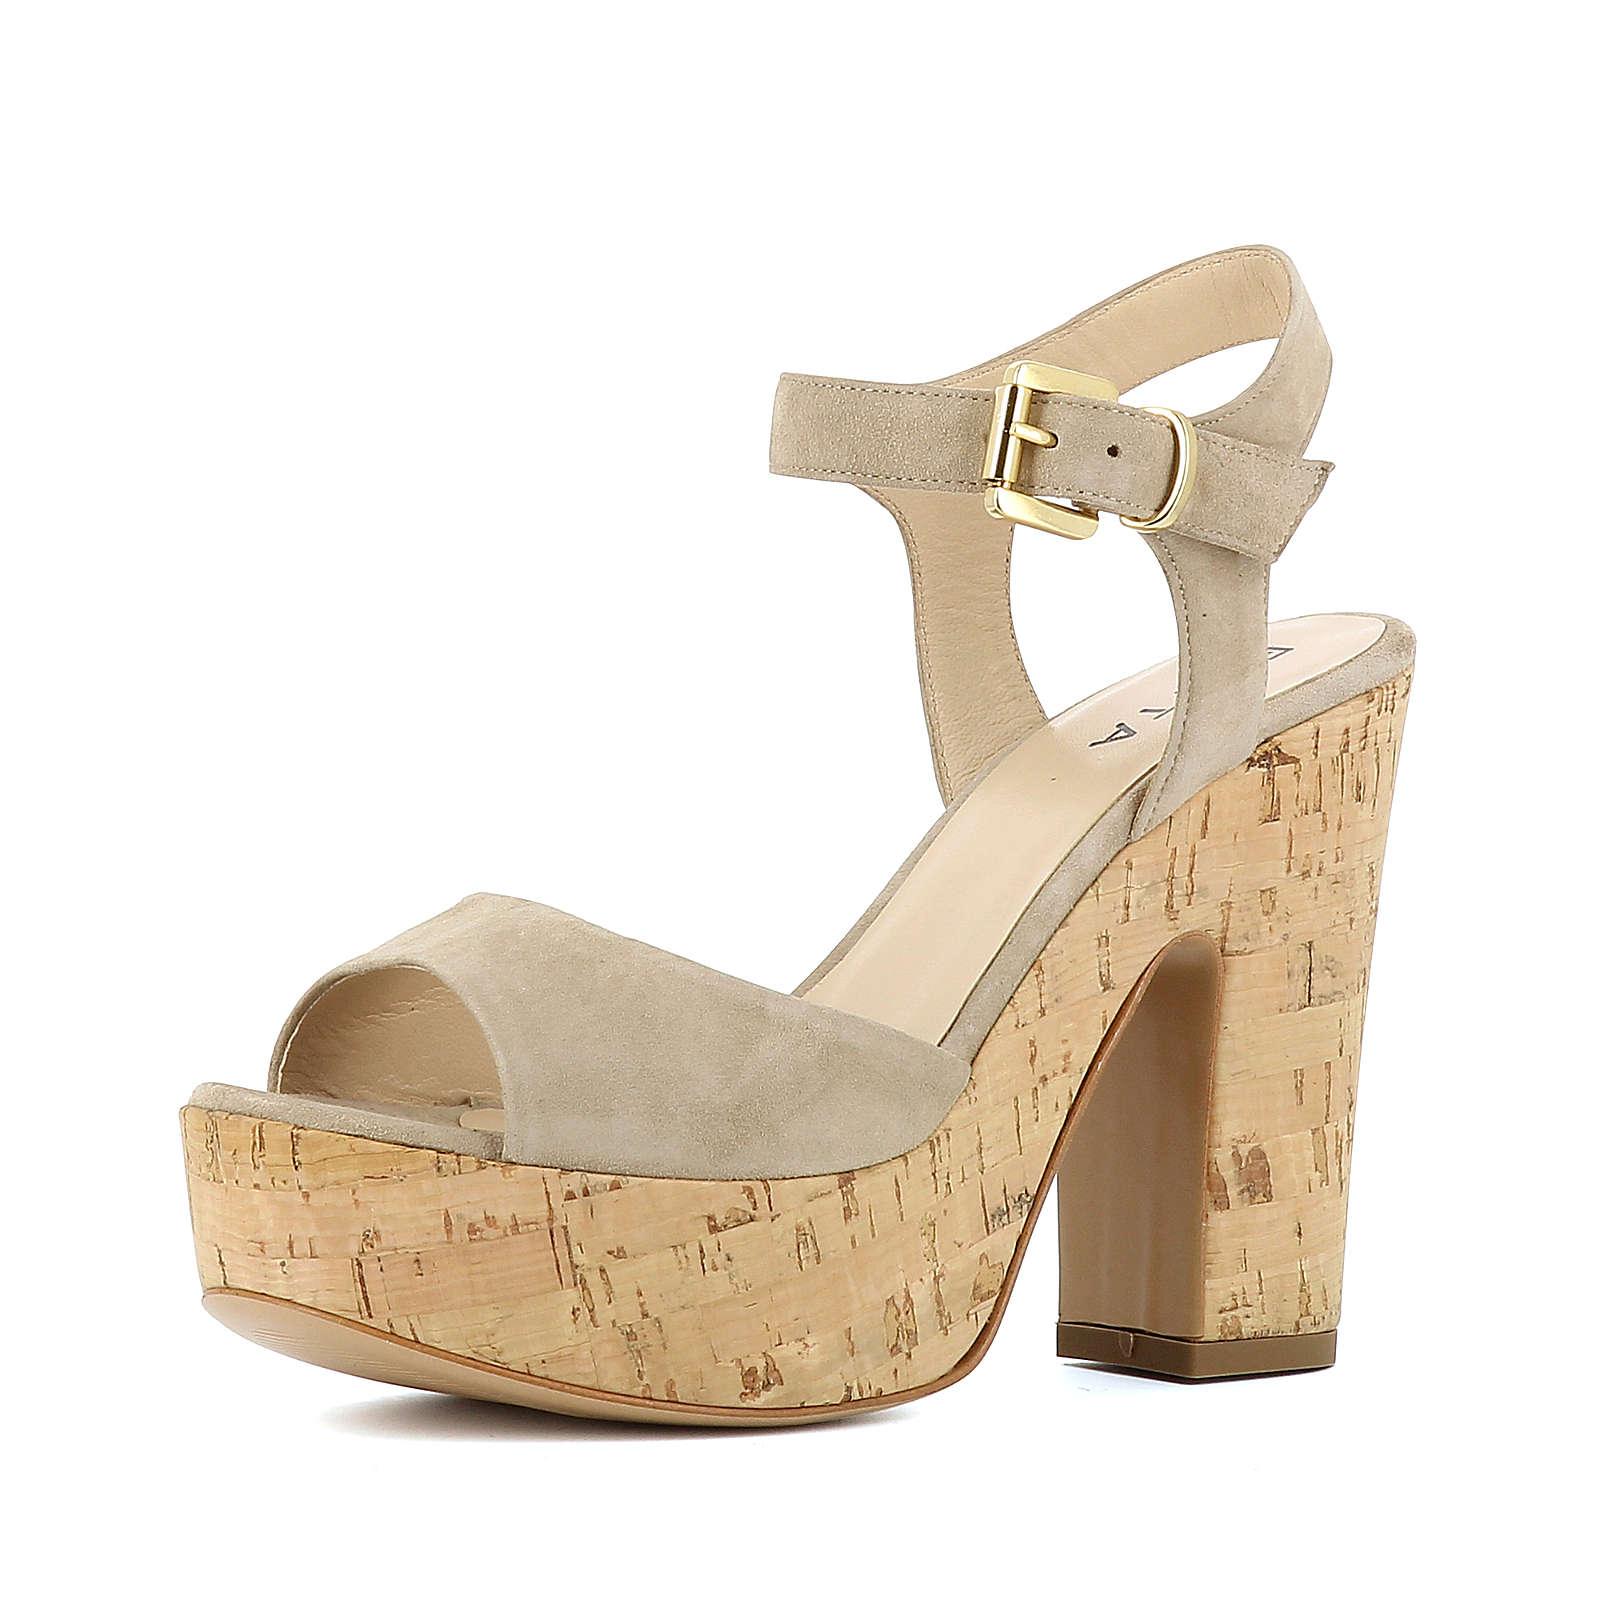 Evita Shoes Sandaletten beige Damen Gr. 38